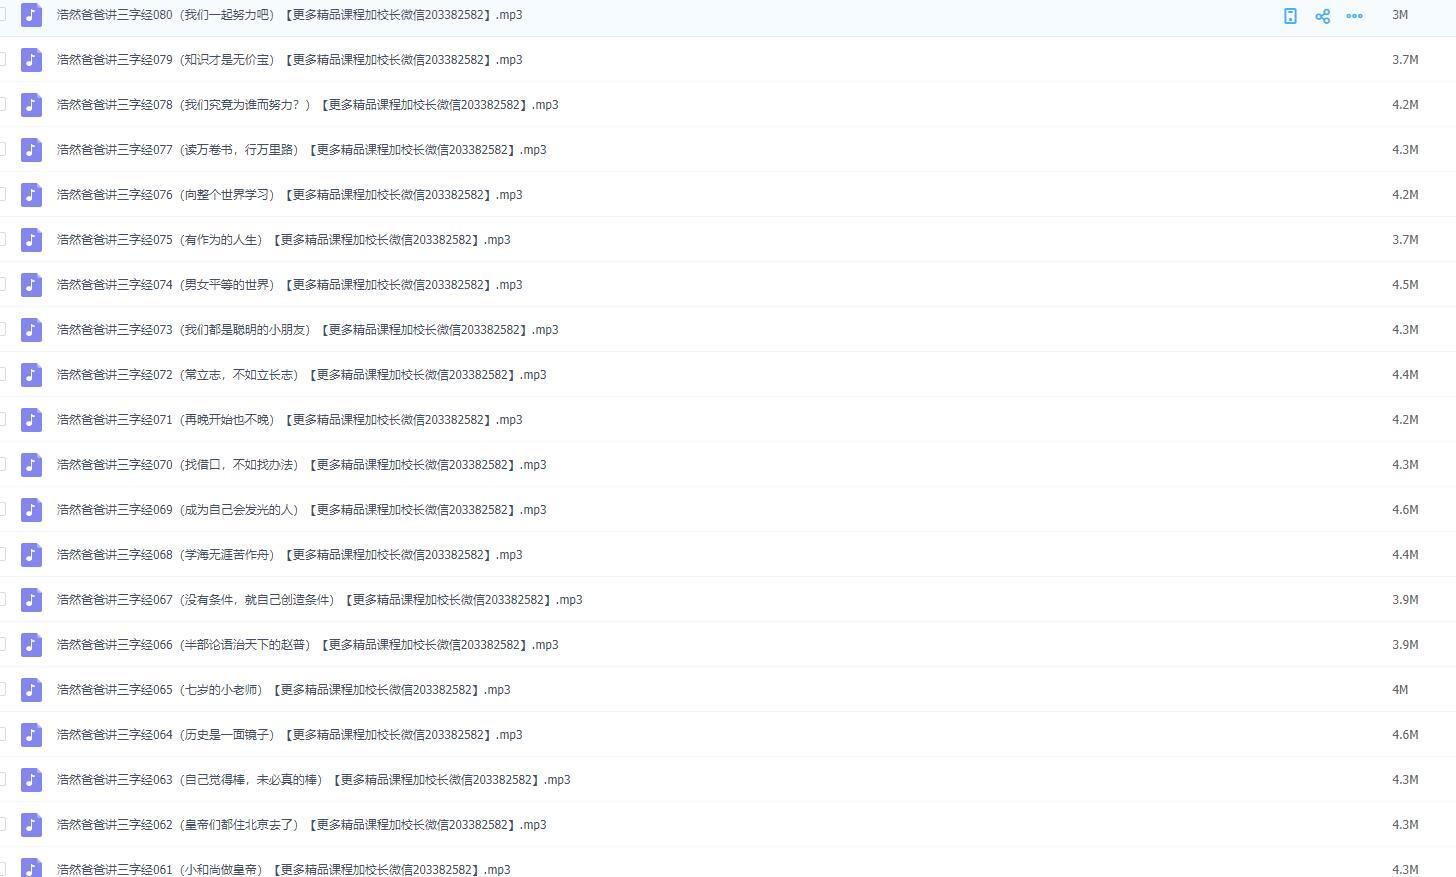 浩然爸爸讲三字经音频下载全集百度网盘(完)